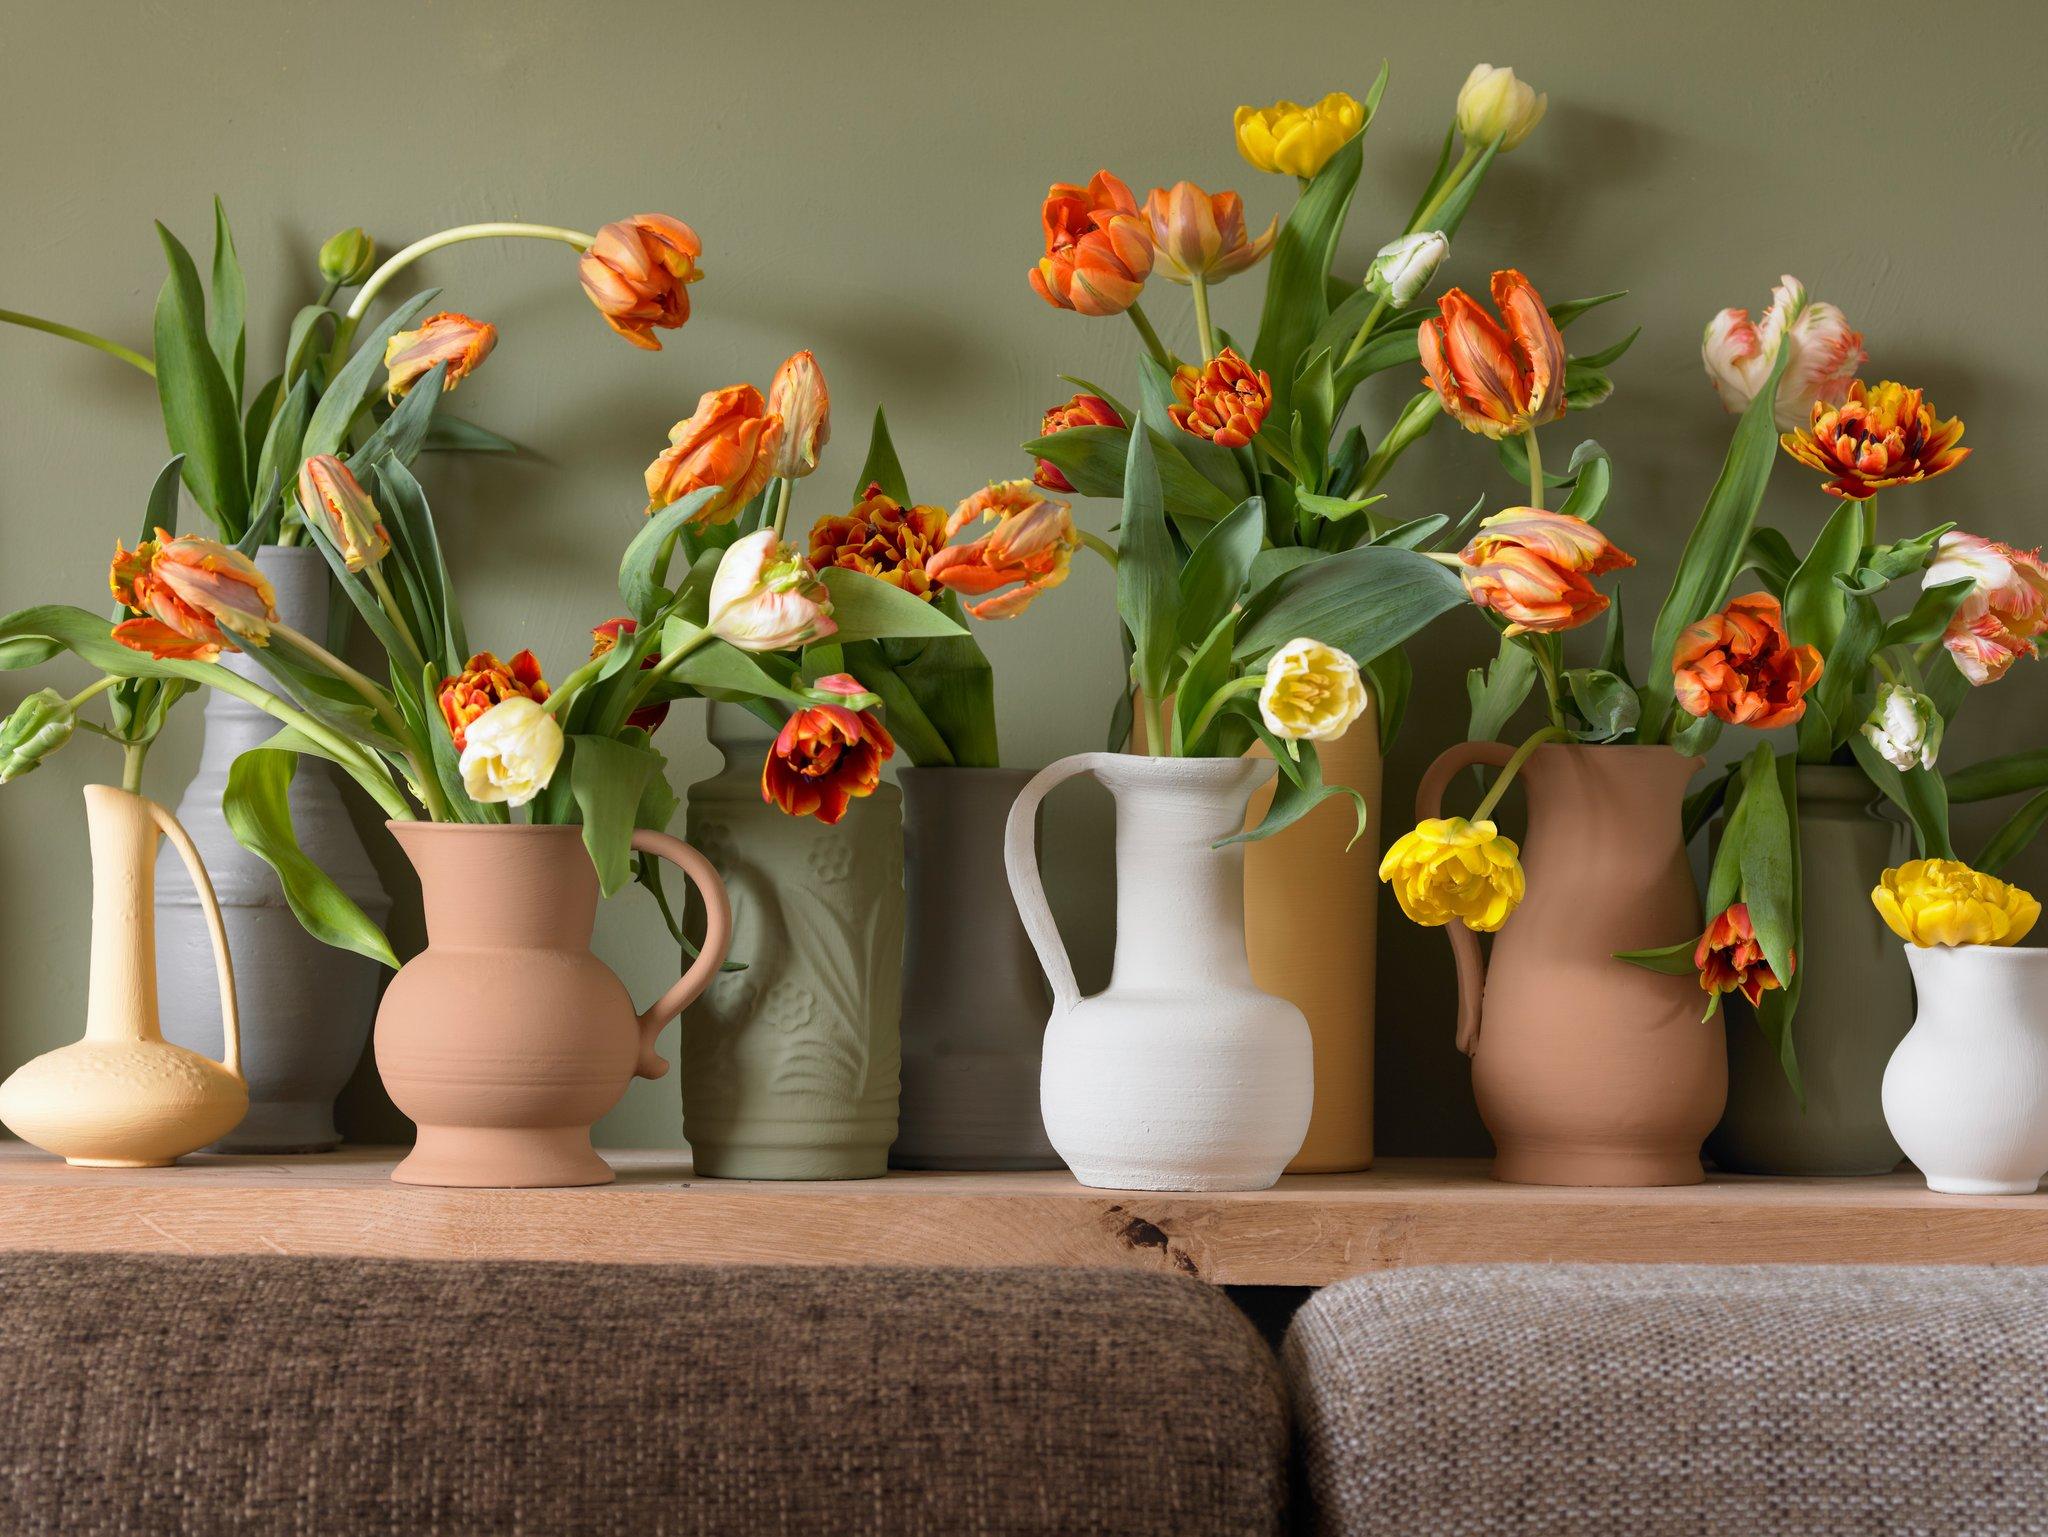 fr hling im wohnzimmer so bleiben tulpen auch in der vase. Black Bedroom Furniture Sets. Home Design Ideas